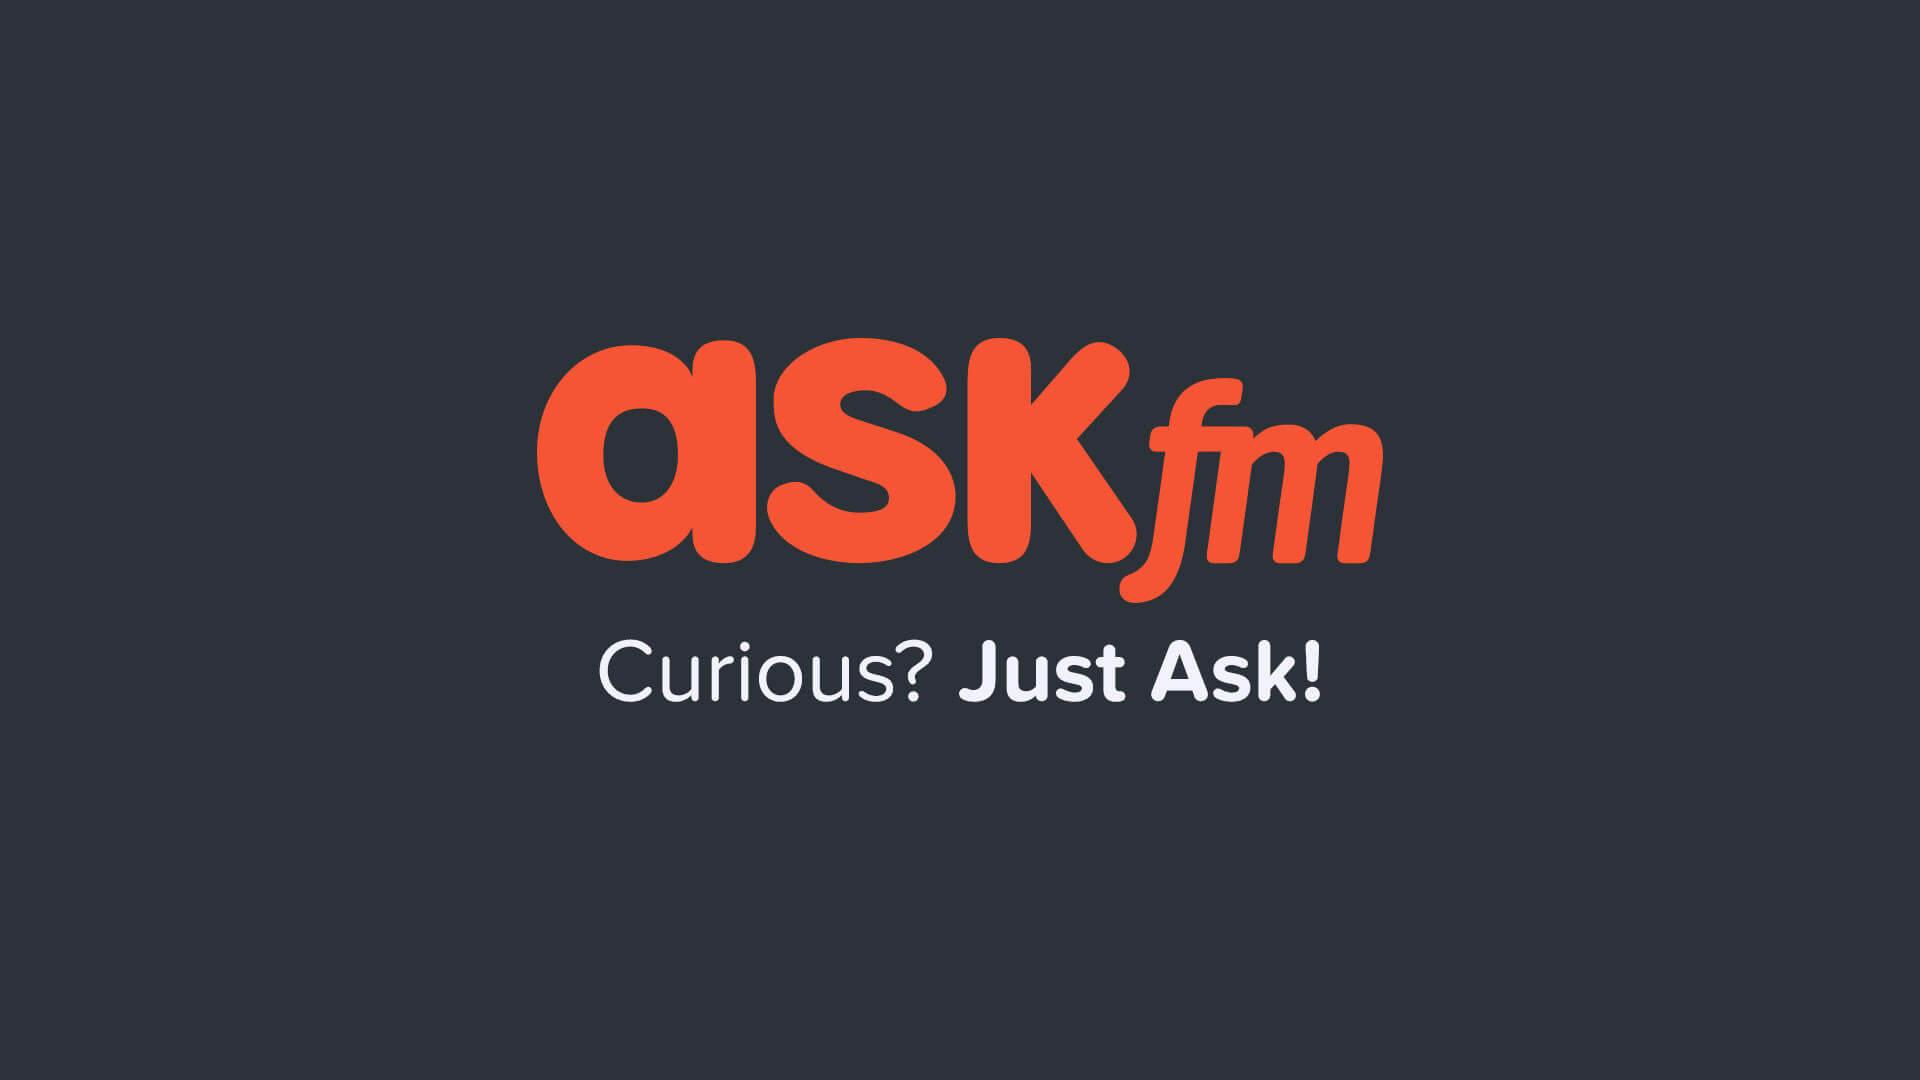 منصة ASKfm 2.0